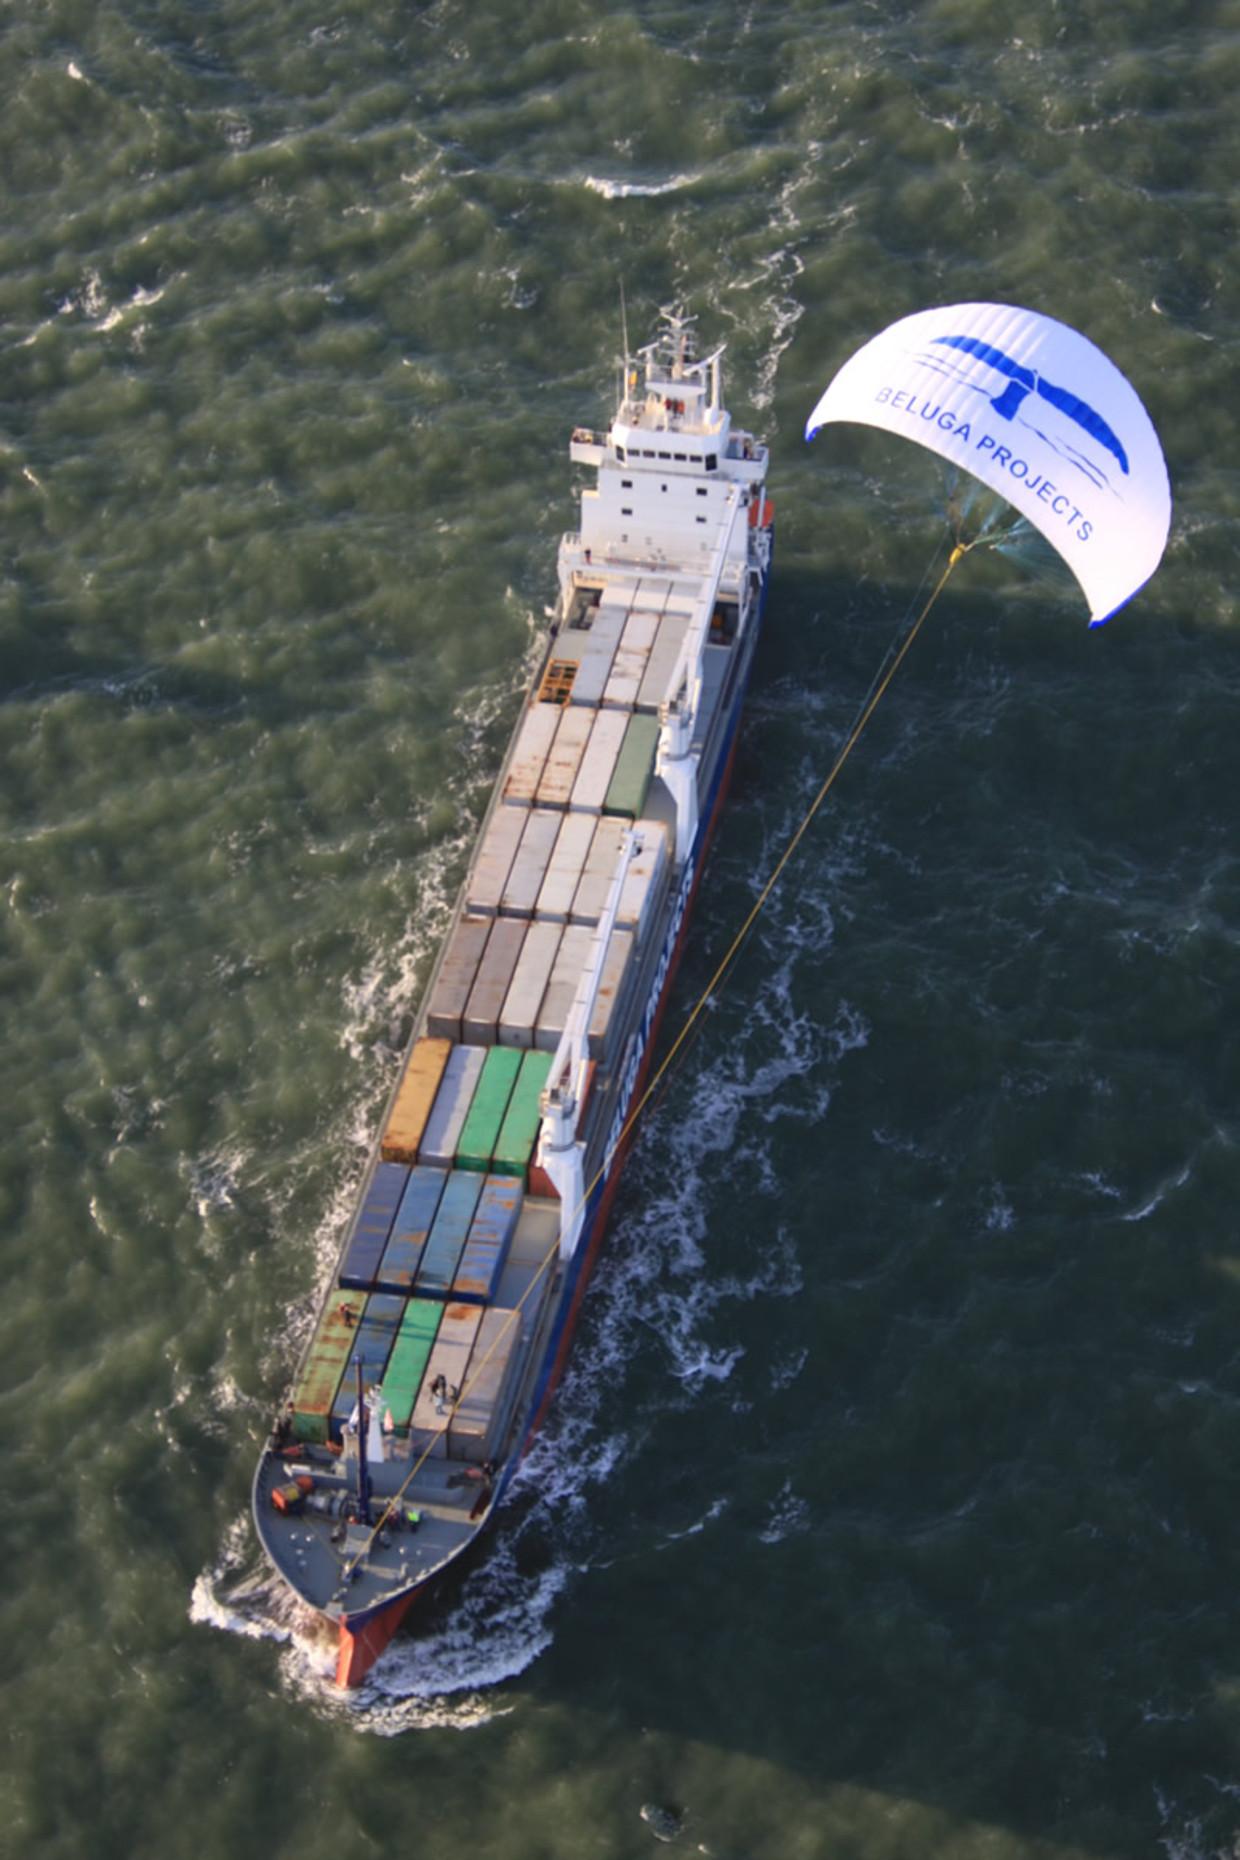 De Beluga Skysails is het eerste commerciële vrachtschip met een kite.